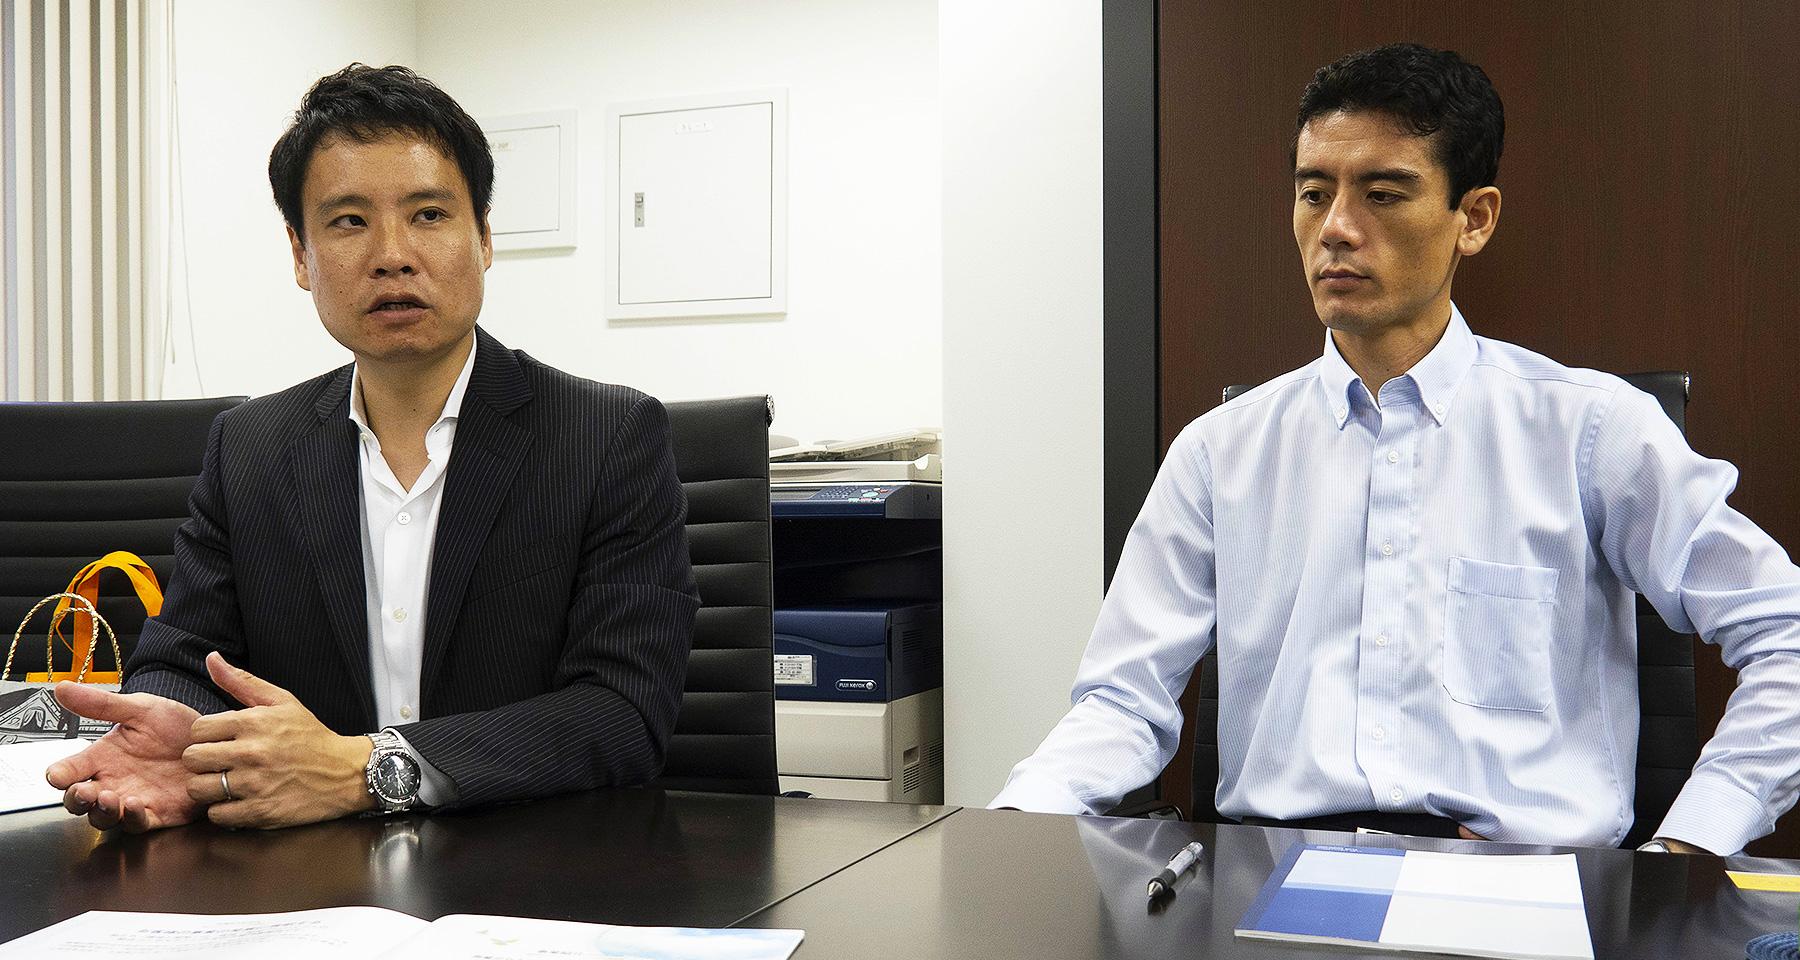 代表取締役 田邉陽介 様  東京支店 業務部主任兼災害廃棄物対策部主任 岡真如様